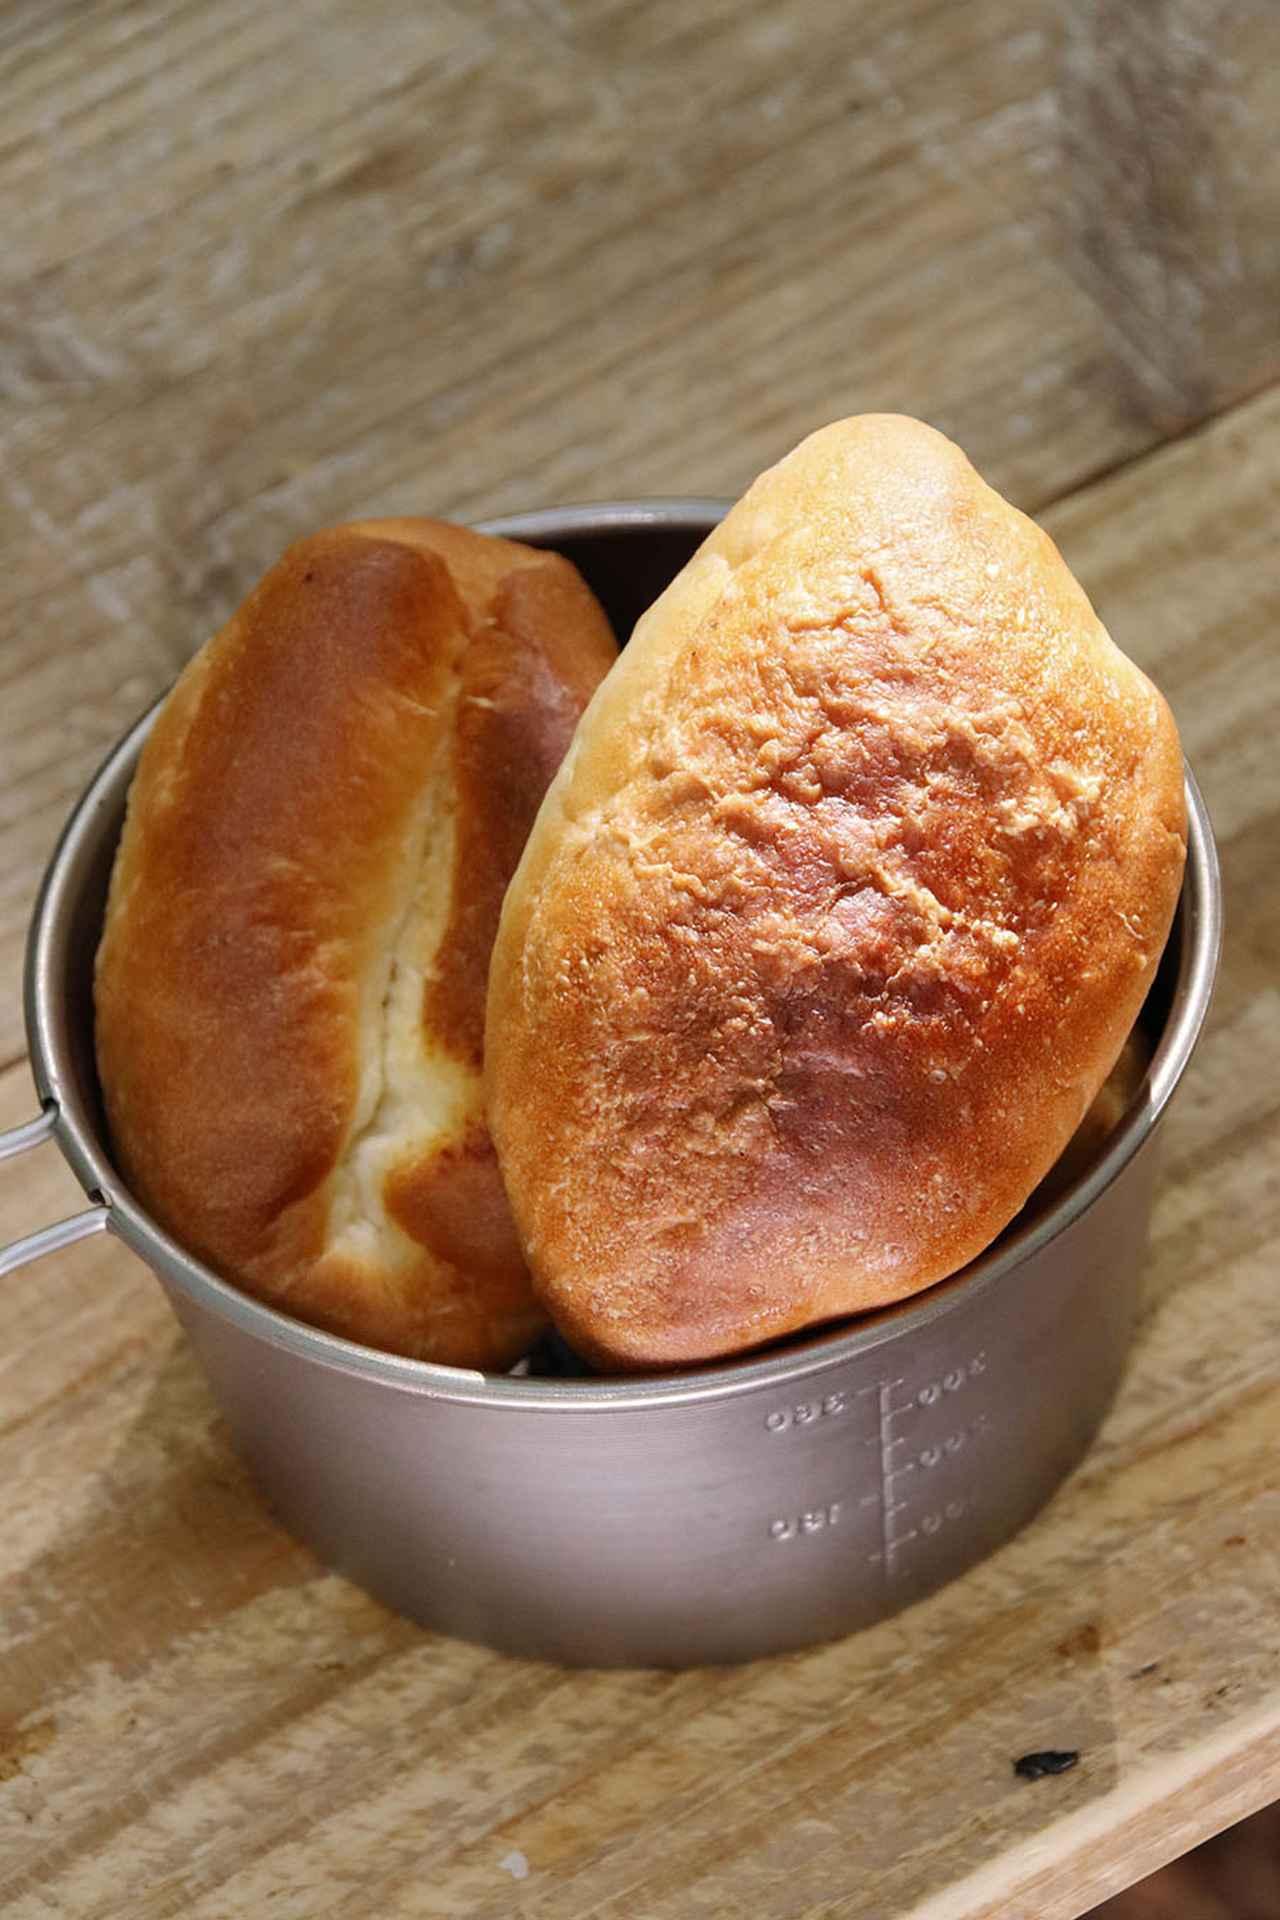 画像: 秋は日中の気温が高く、手ごねパンを作りやすい季節。キャンプ場でもオーブンがあれば、焼きたてパンを食べられる。